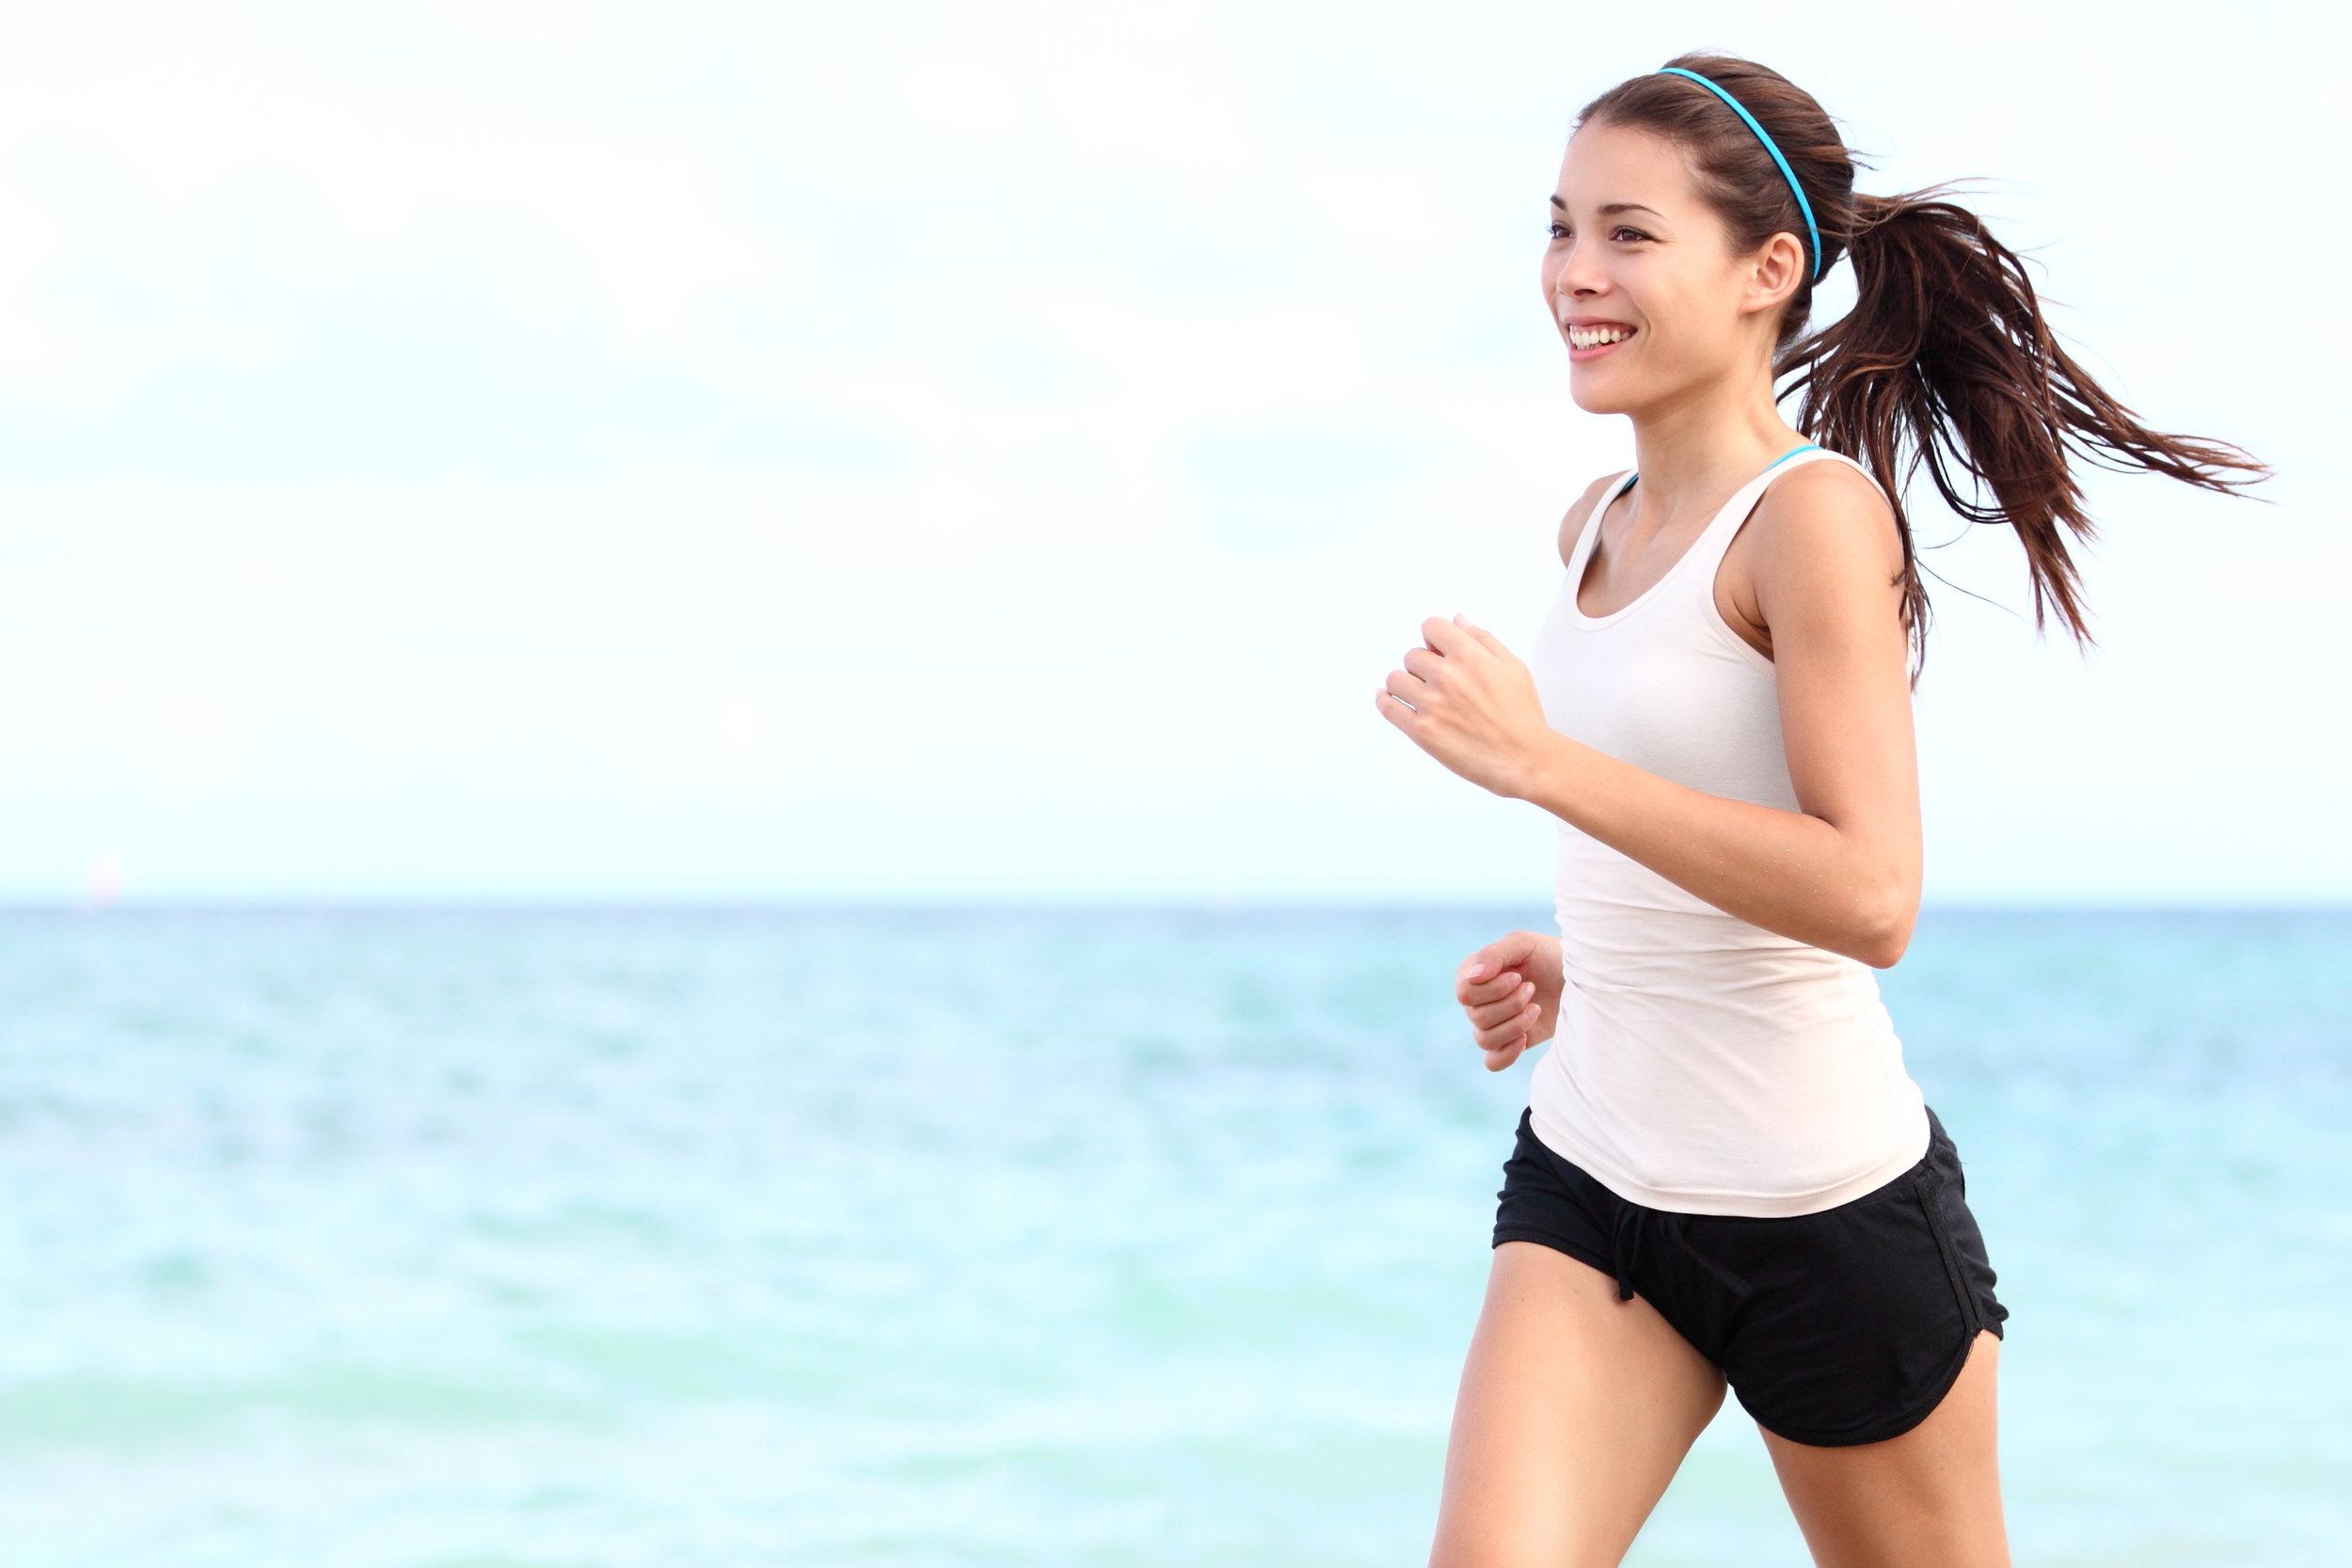 Nainen juoksee 96754267.jpg